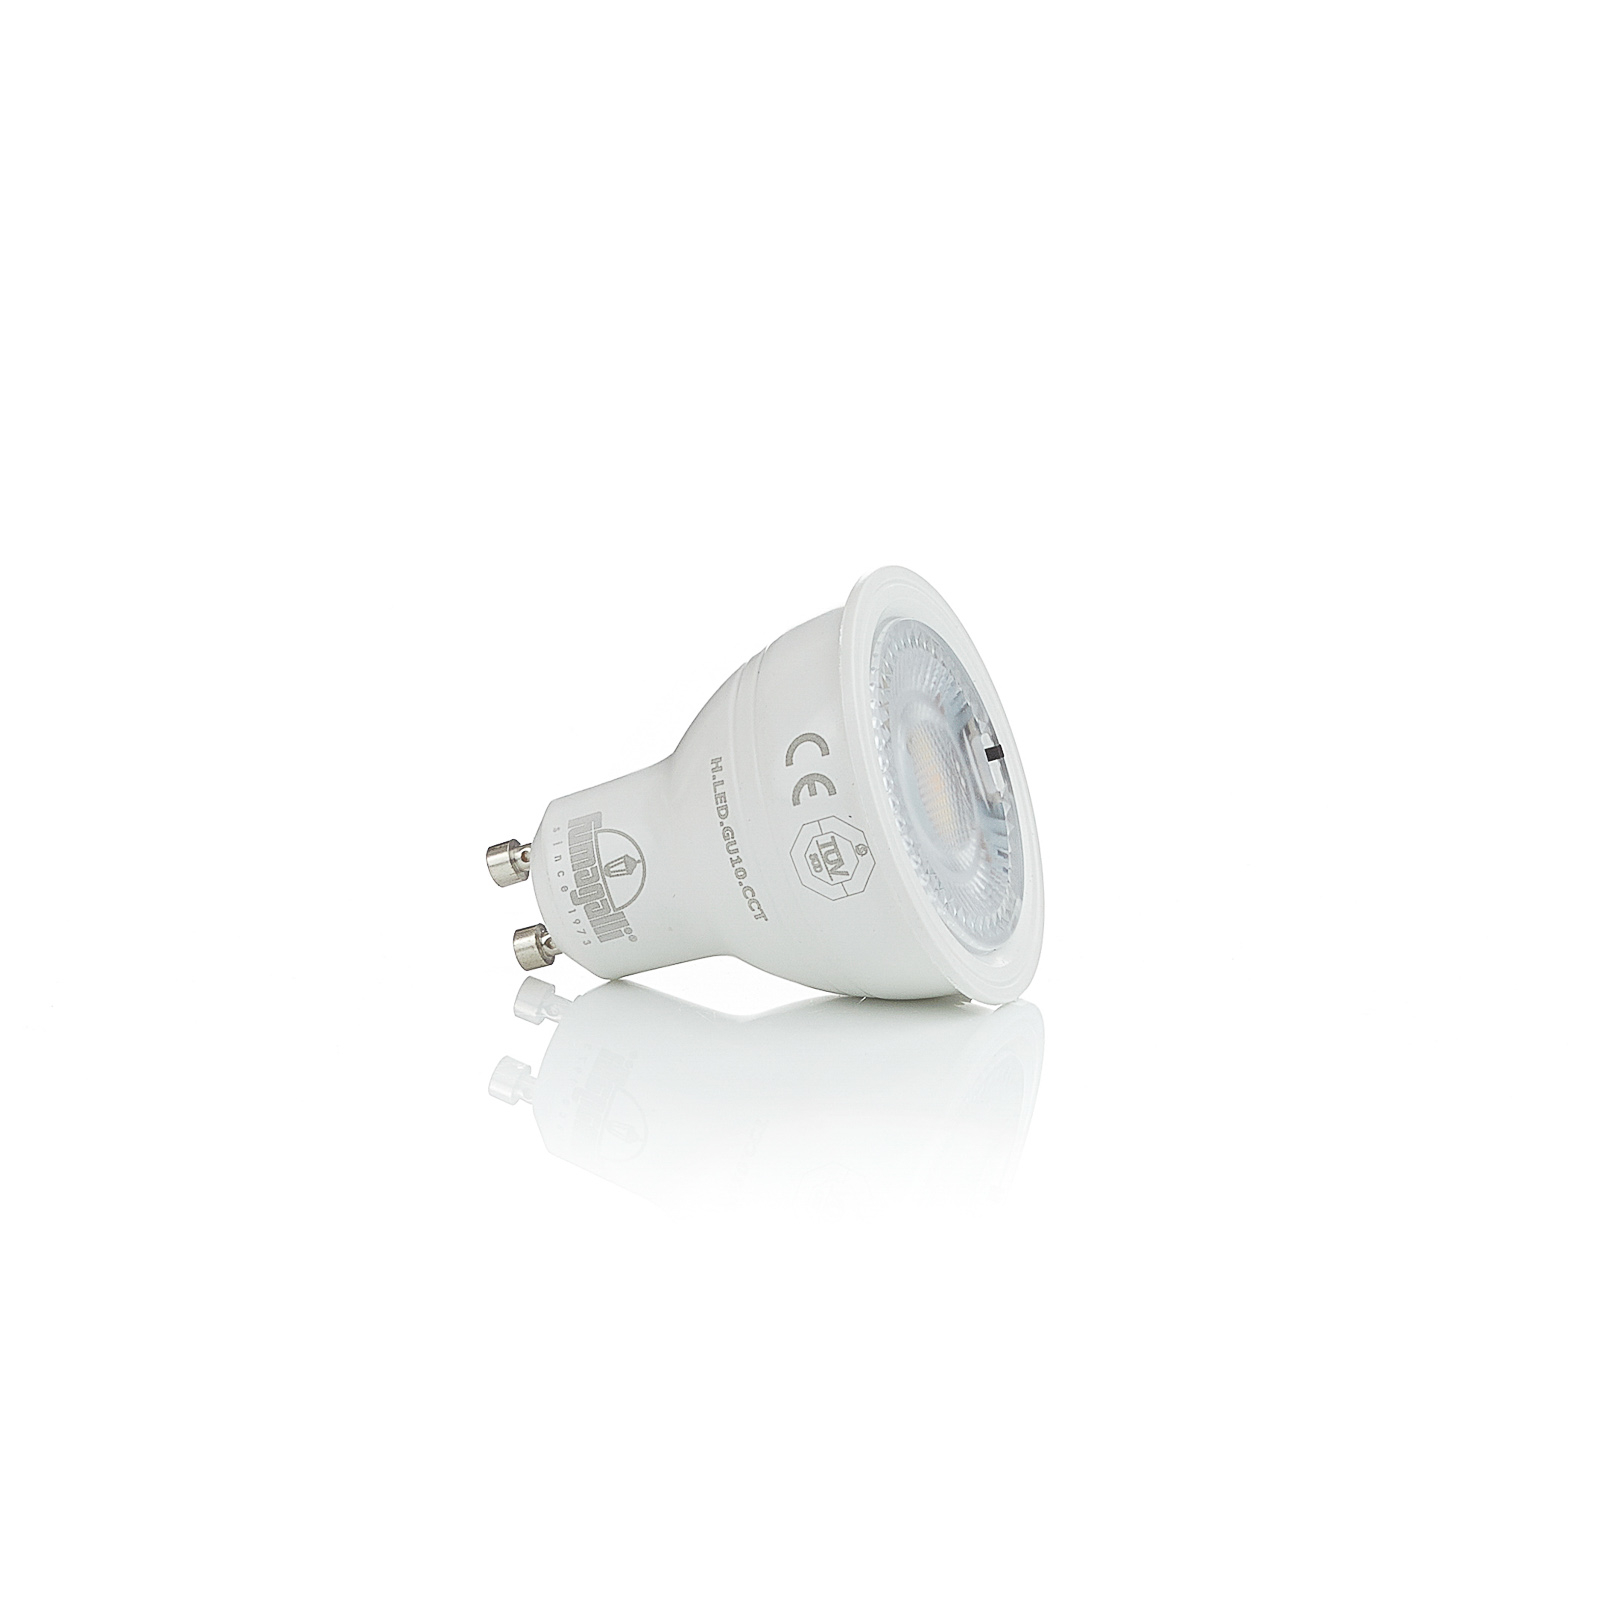 Riflettore LED GU10 CCT, 3,5 W, 350 lm